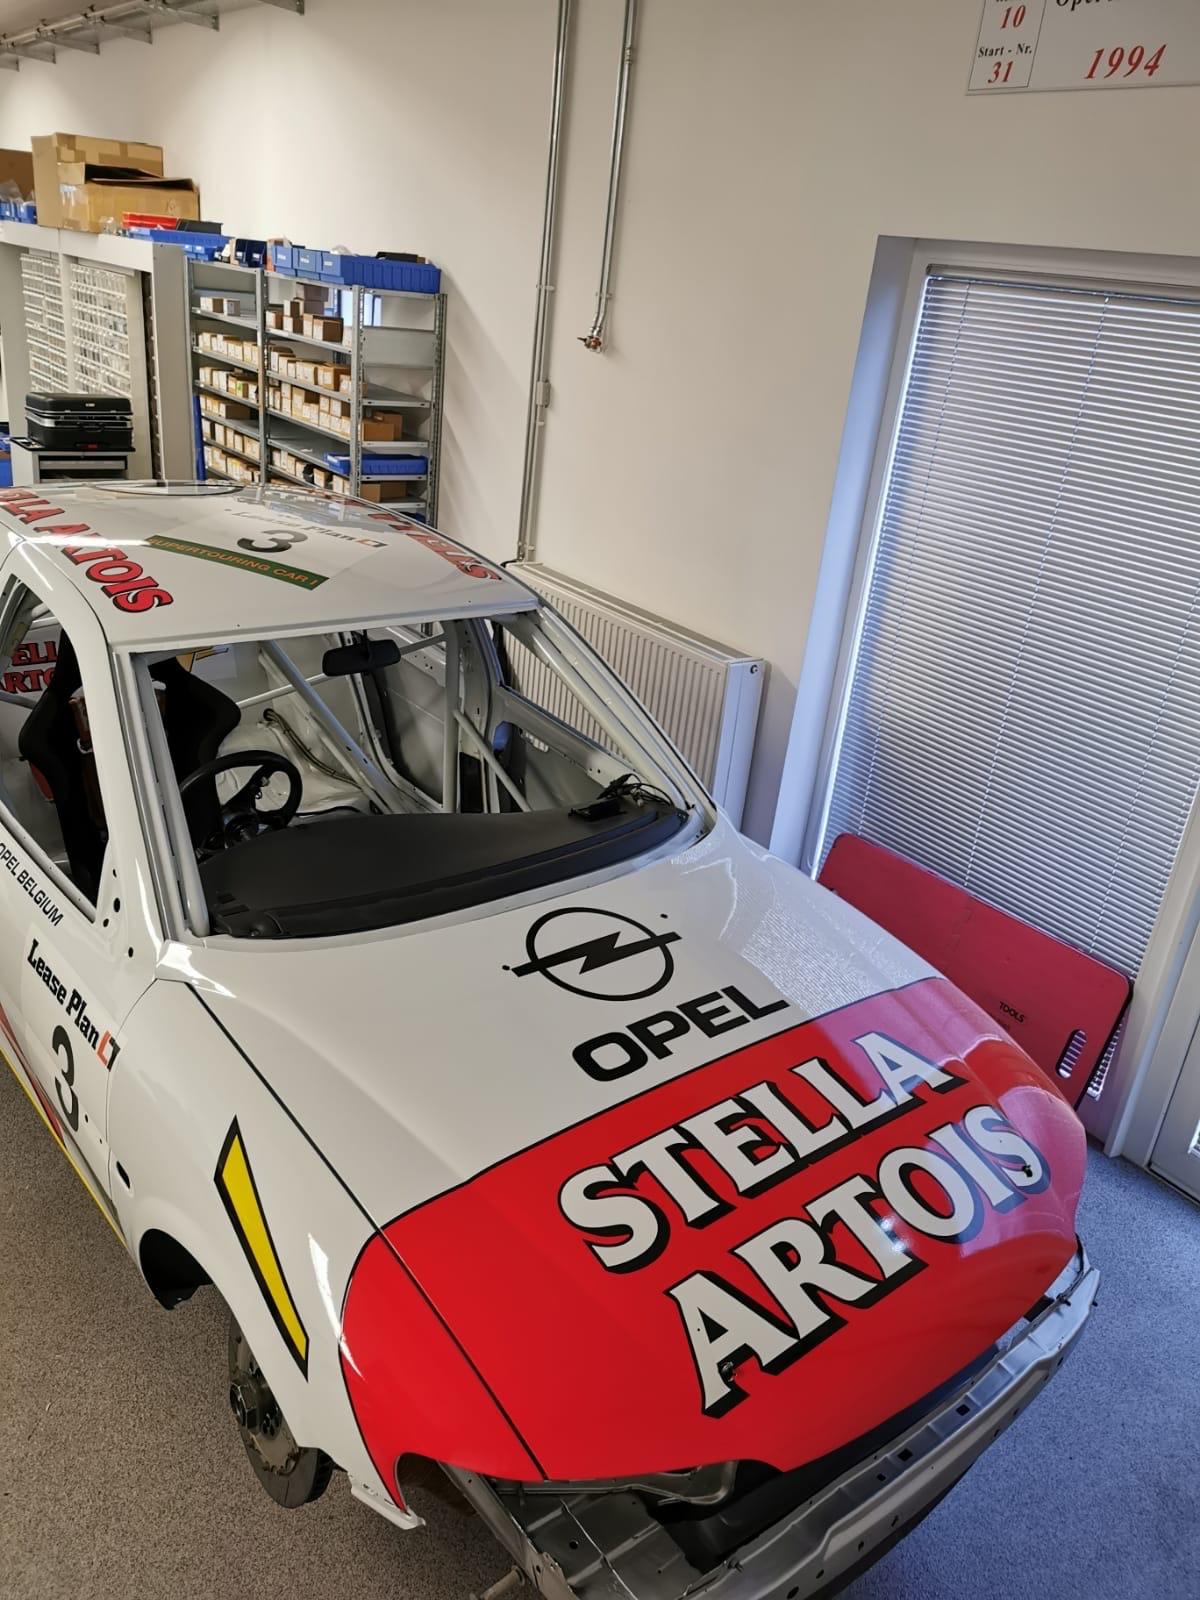 Opel Vectra Supertouring im Sponsorlook von Stella Artois